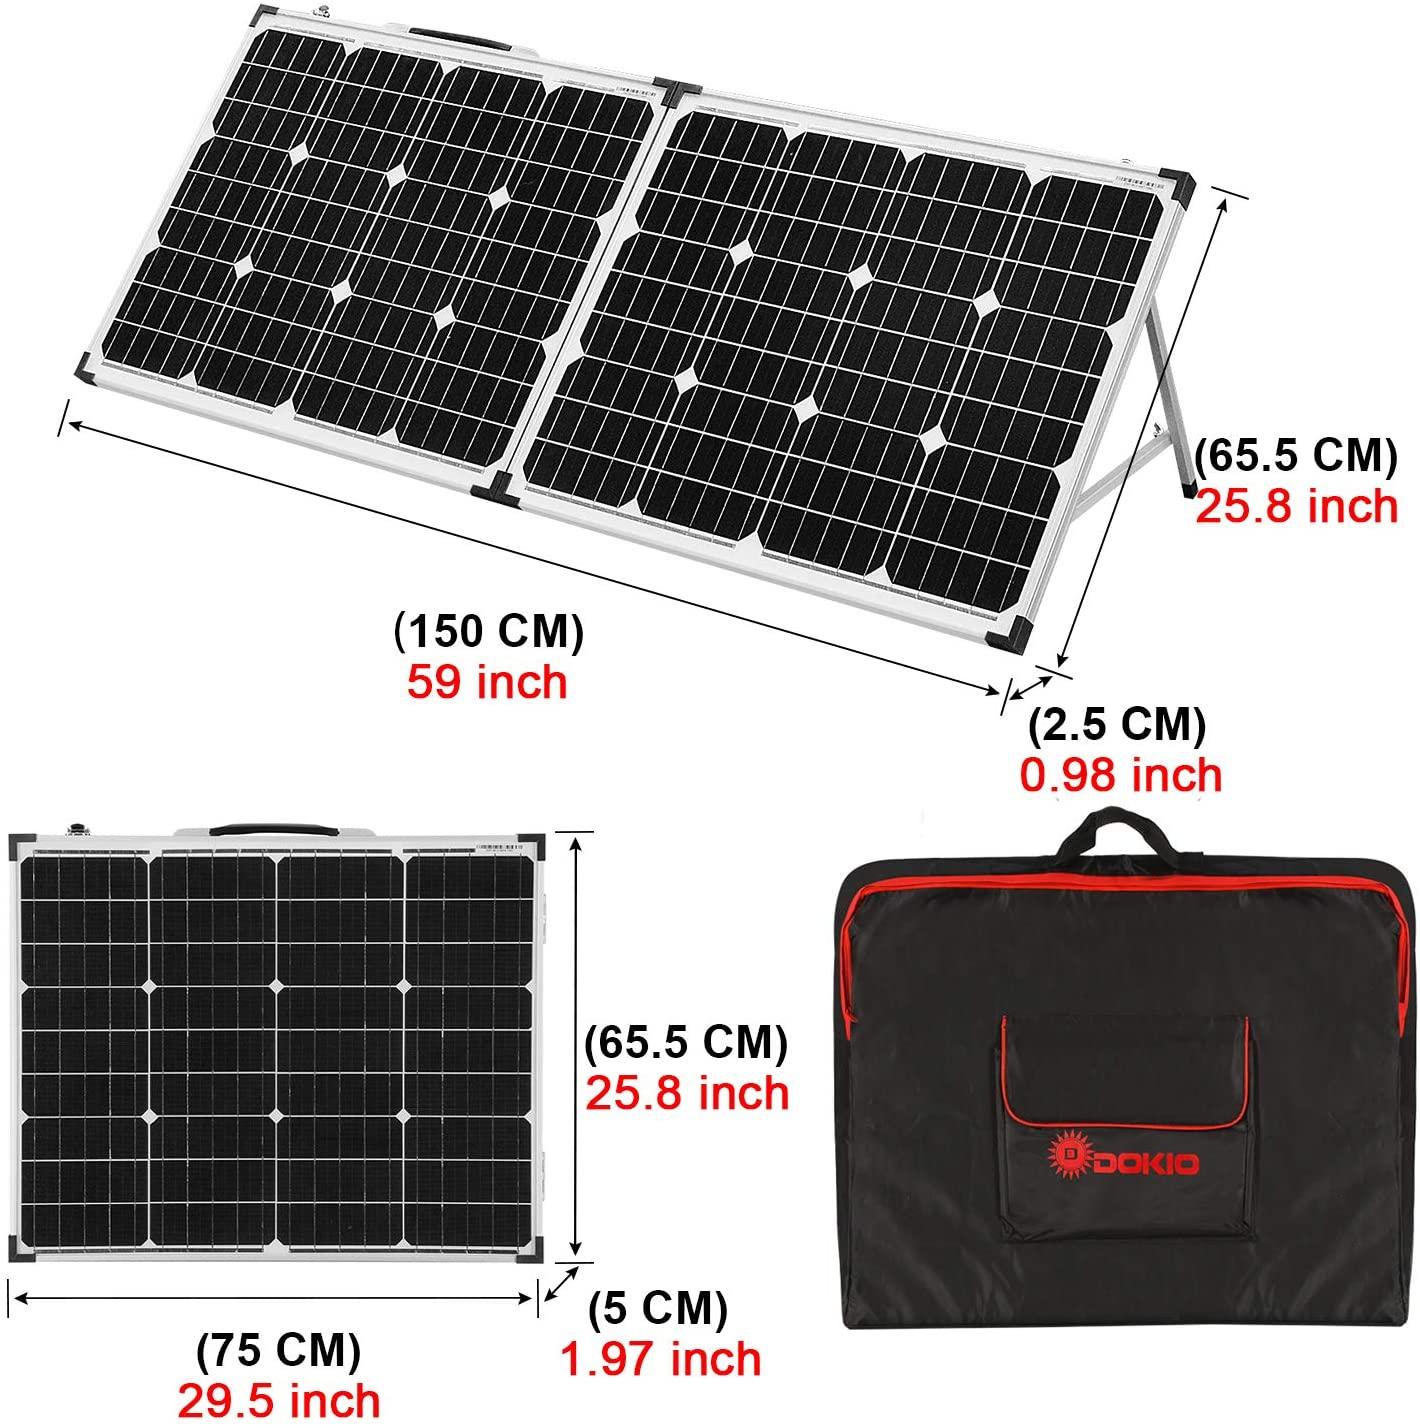 Dimensions du kit solaire Dokio 100W plié et déplié + housse de transport